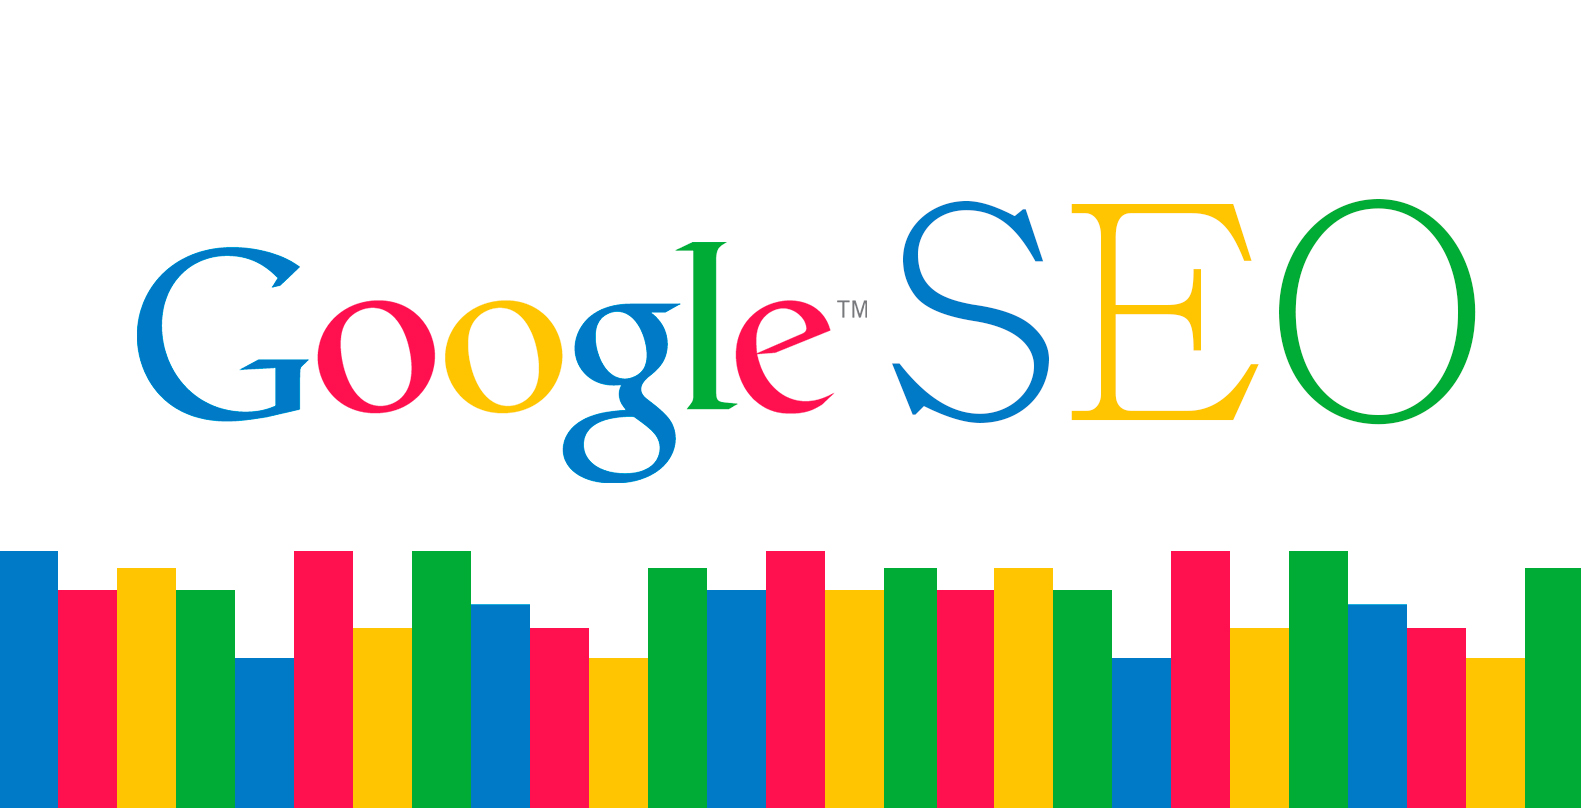 Факторы, влияющие на локальный поиск Google. Исследование